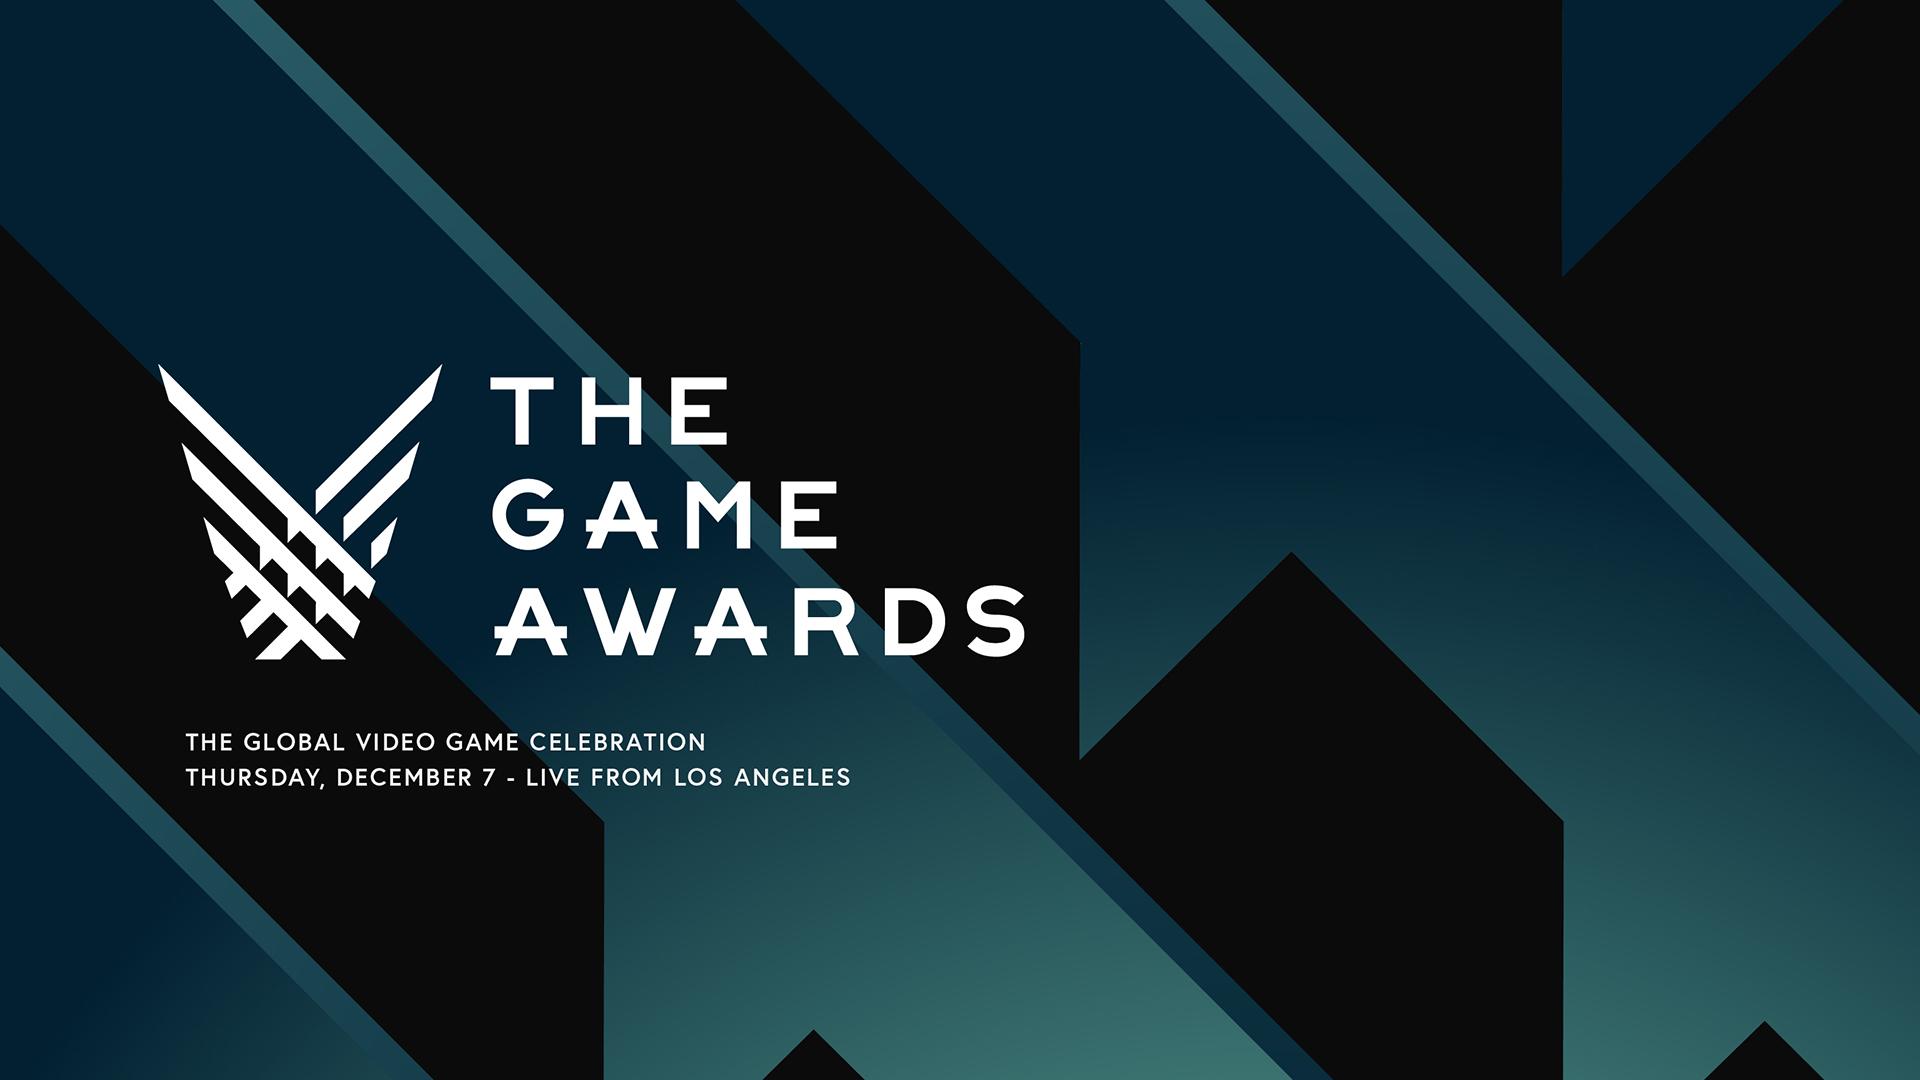 Já são conhecidos os grandes vencedores do The Game Awards